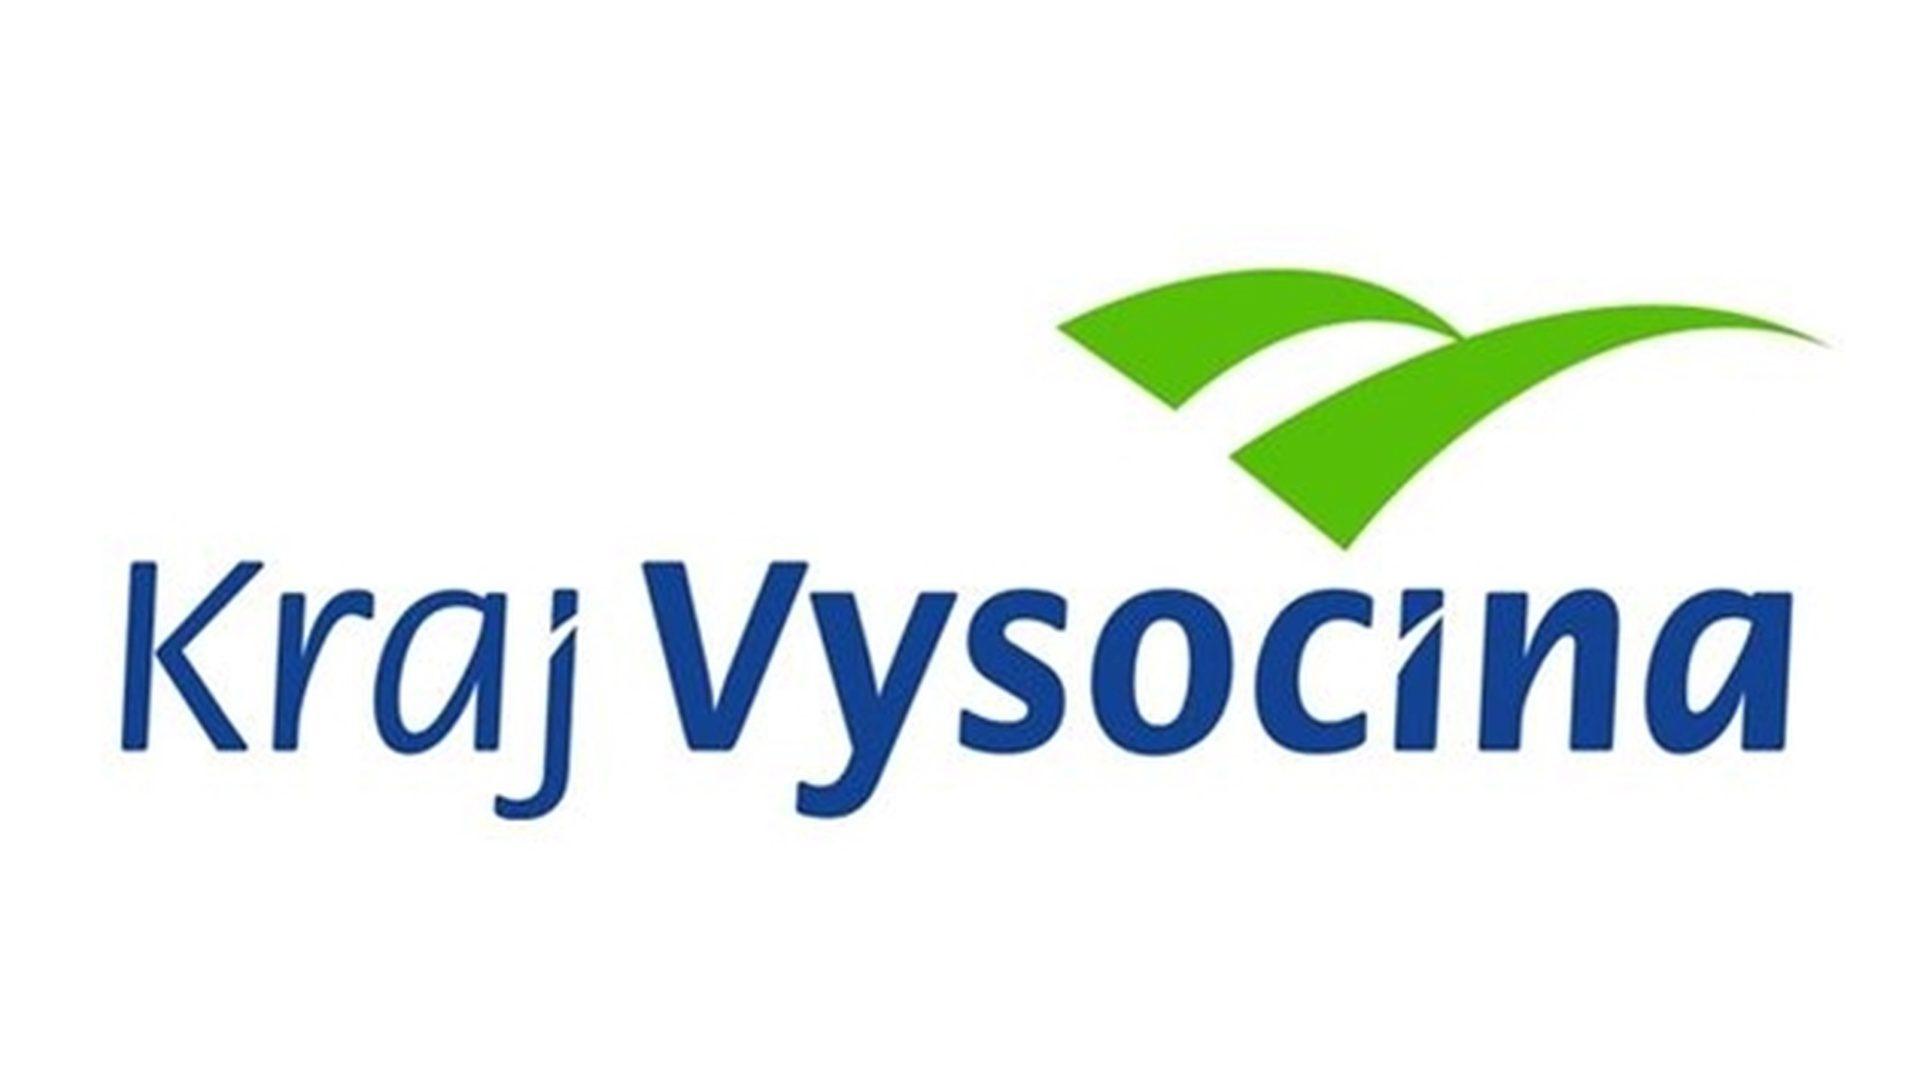 Ve spolupráci s Národní sítí Zdravých měst ČR proběhne již po šesté Veřejné Fórum zdravého Kraje Vysočina, a to od 29. do 30. dubna 2021. Toto diskusní setkání kraj pořádá […]